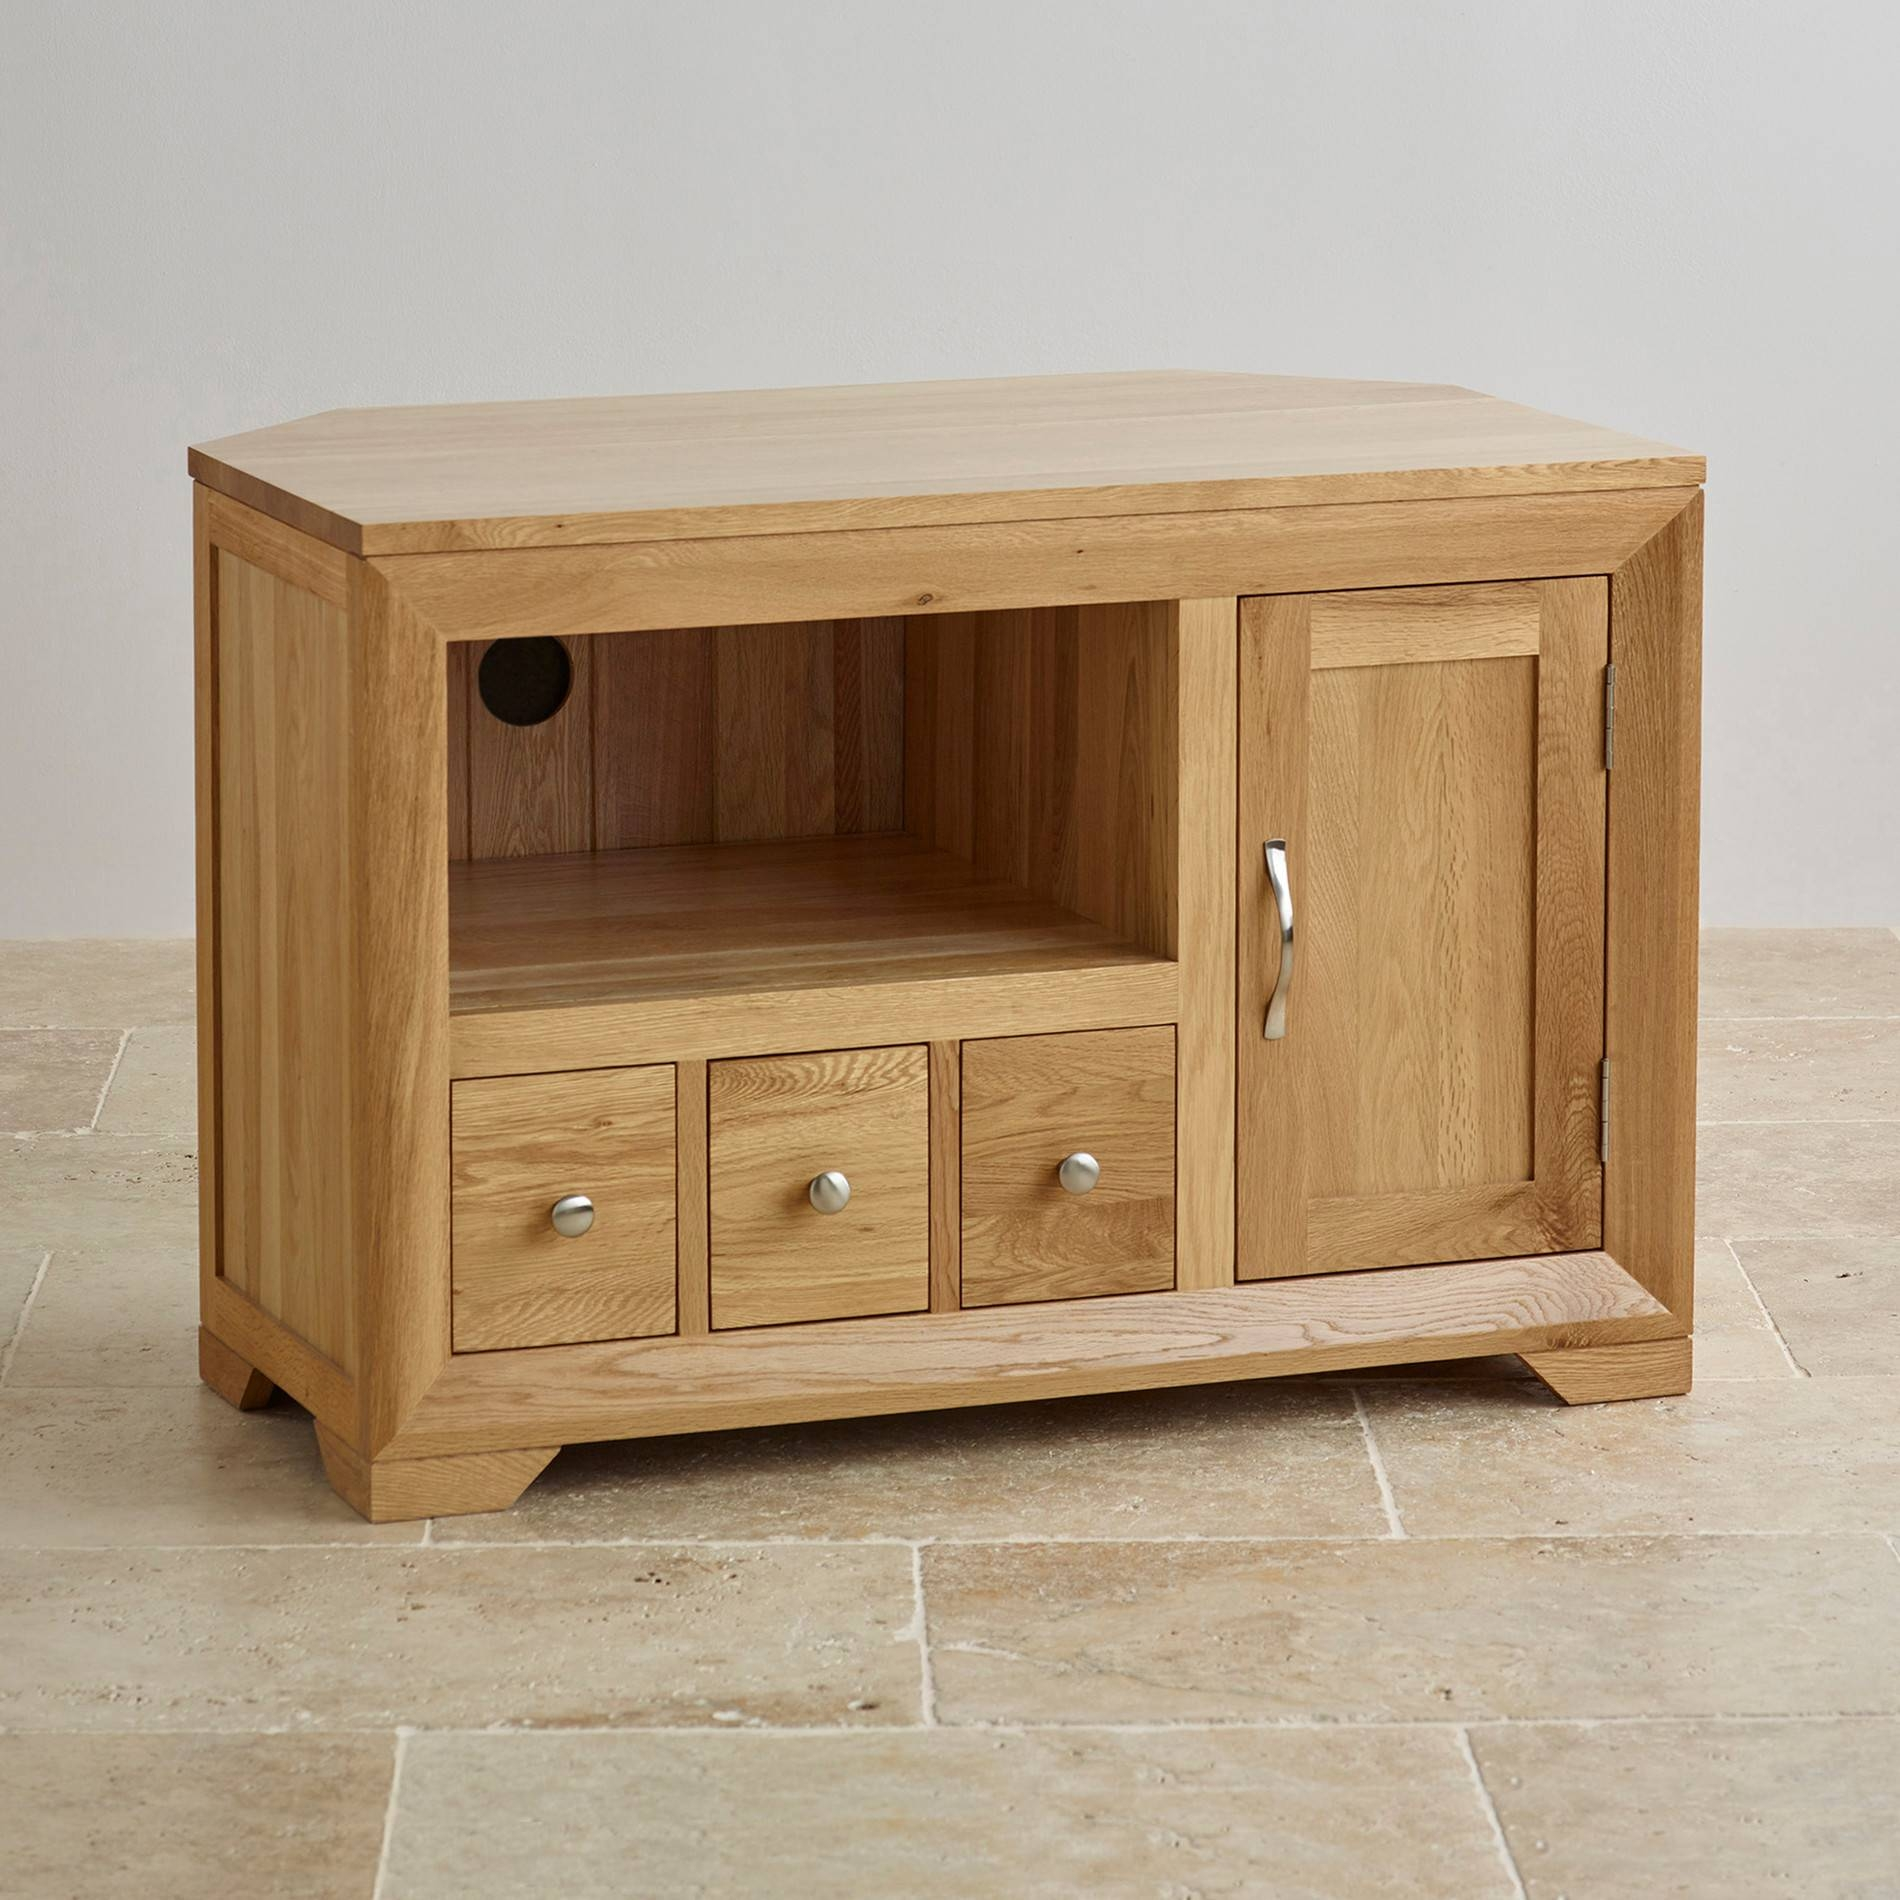 Tv Cabinets & Units | 100% Solid Oak | Oak Furniture Land intended for Light Oak Corner Tv Cabinets (Image 12 of 15)